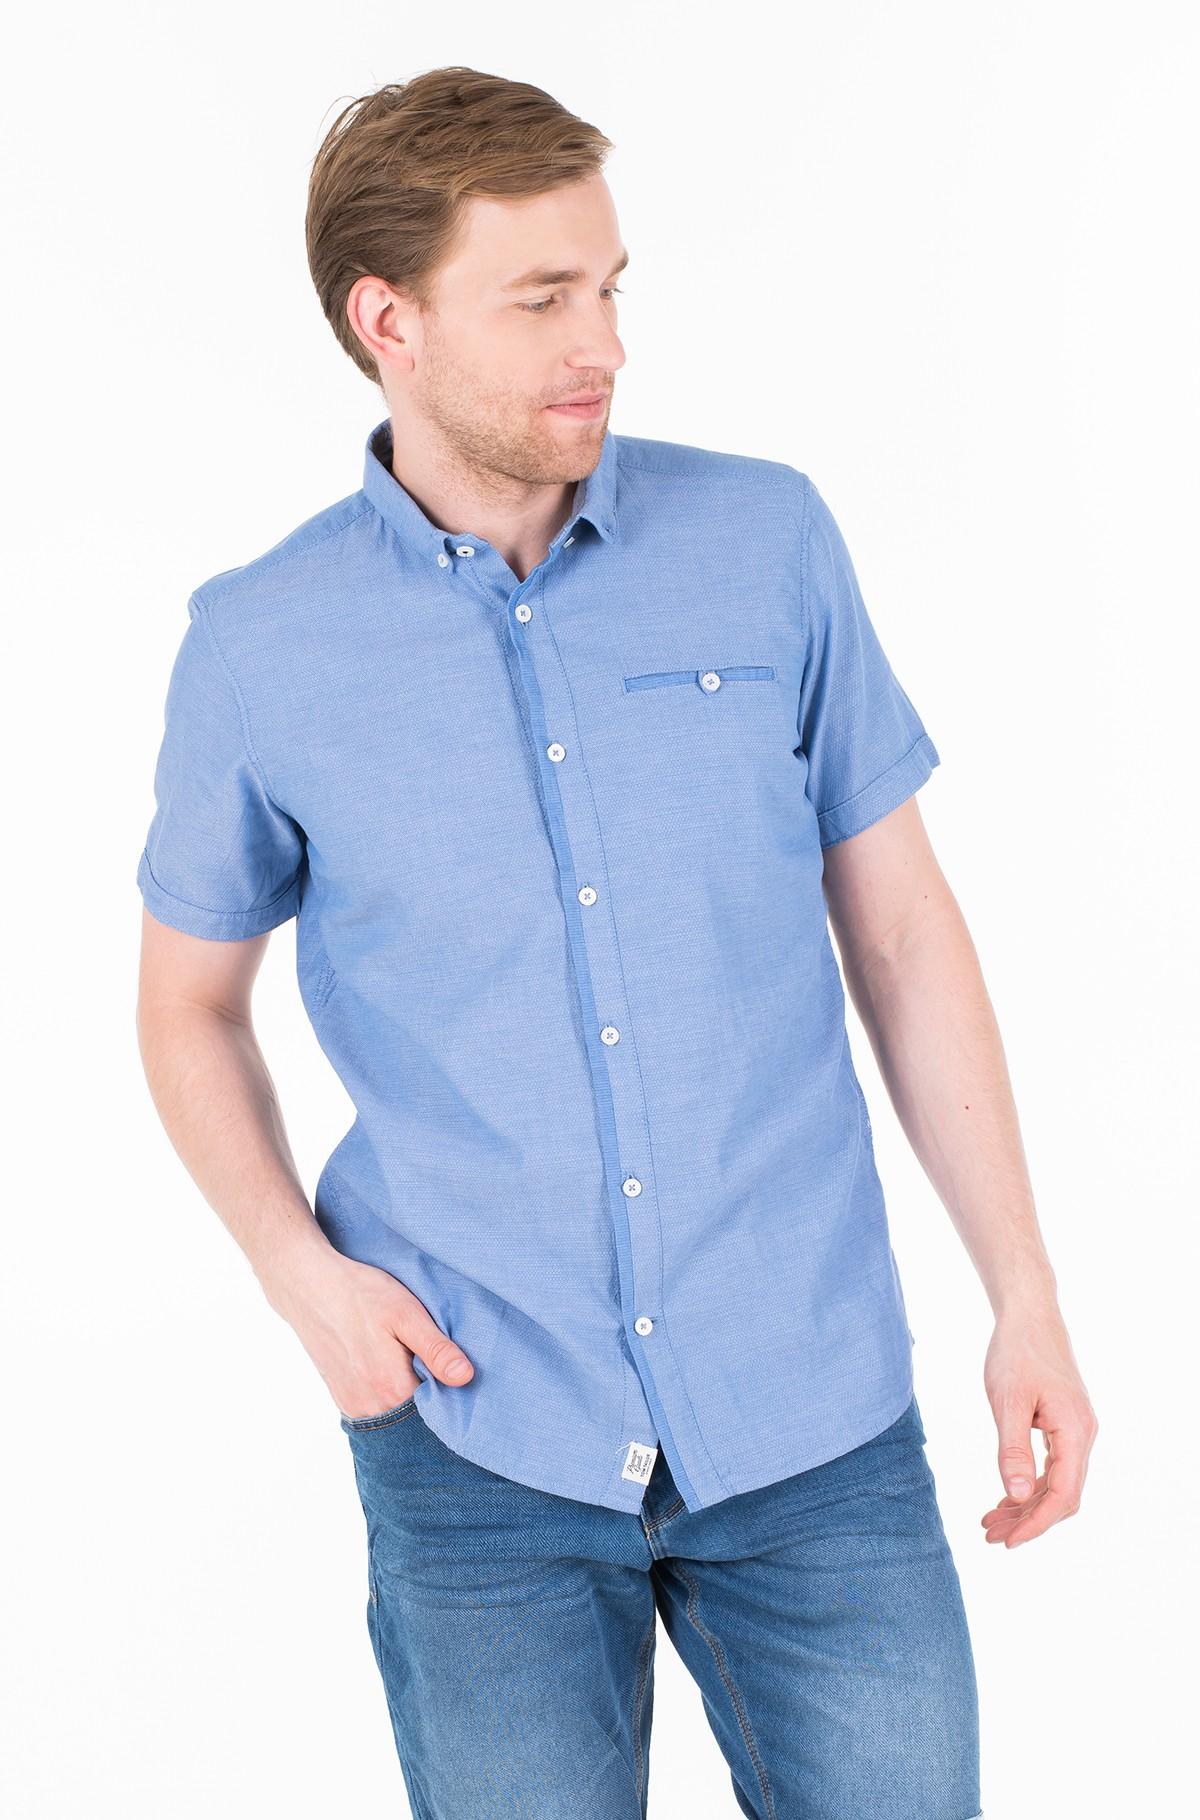 Marškiniai su trumpomis rankovėmis 1010112-full-1